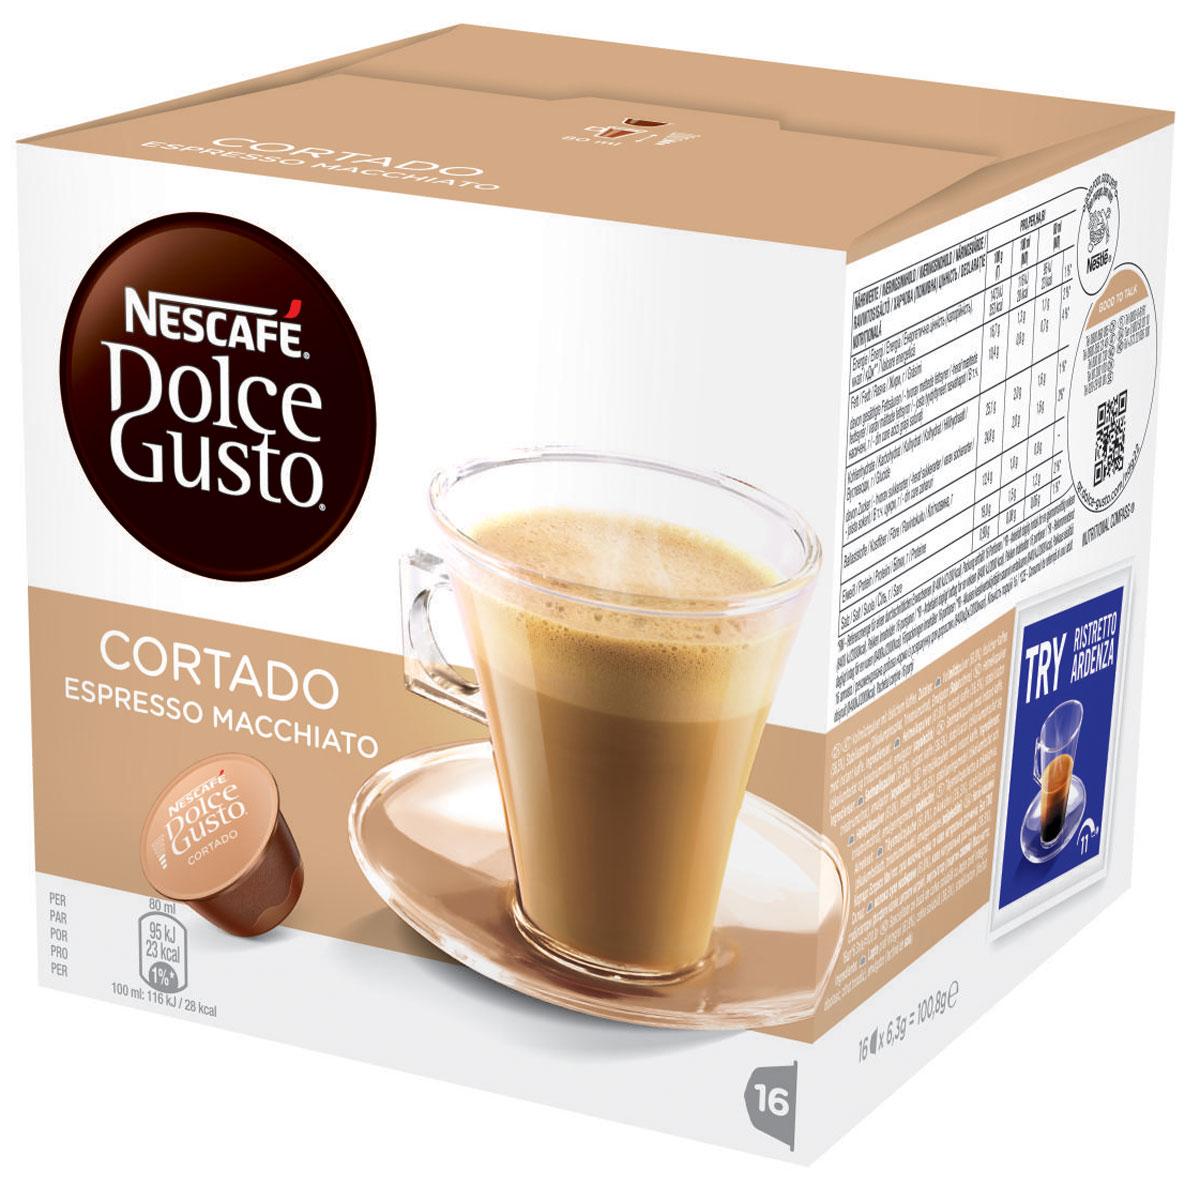 Nescafe Dolce Gusto Cortado (эспрессо с молоком) кофе в капсулах, 16 шт12121894Теплые и богатые напитки эспрессо макиато абсолютно изумительны. Испанцы называют их Cortado. Nescafe называет их вкусняшки. Эти продуманные напитки состоят из богатой композиции кофе и молока – все в одной капсуле. Идеальные для употребления на ходу или для долгого смакования в любое время дня – эти напитки эспрессо будут великолепным дополнением к любой кофейной коллекции. Натуральные, с ярким ароматом, капсулы эспрессо макиато сохраняют аппетитную насыщенность классического эспрессо, а молоко добавляет напитку нечто особенное. Бархатистая пенка – обязательное украшение для любого эспрессо, а у этого кофе она имеет фантастический вкус с самого первого глотка. Но самое лучшее то, что этот кофе чрезвычайно просто приготовить, поскольку и молоко, и композиция эспрессо искусно смешаны в одной капсуле.